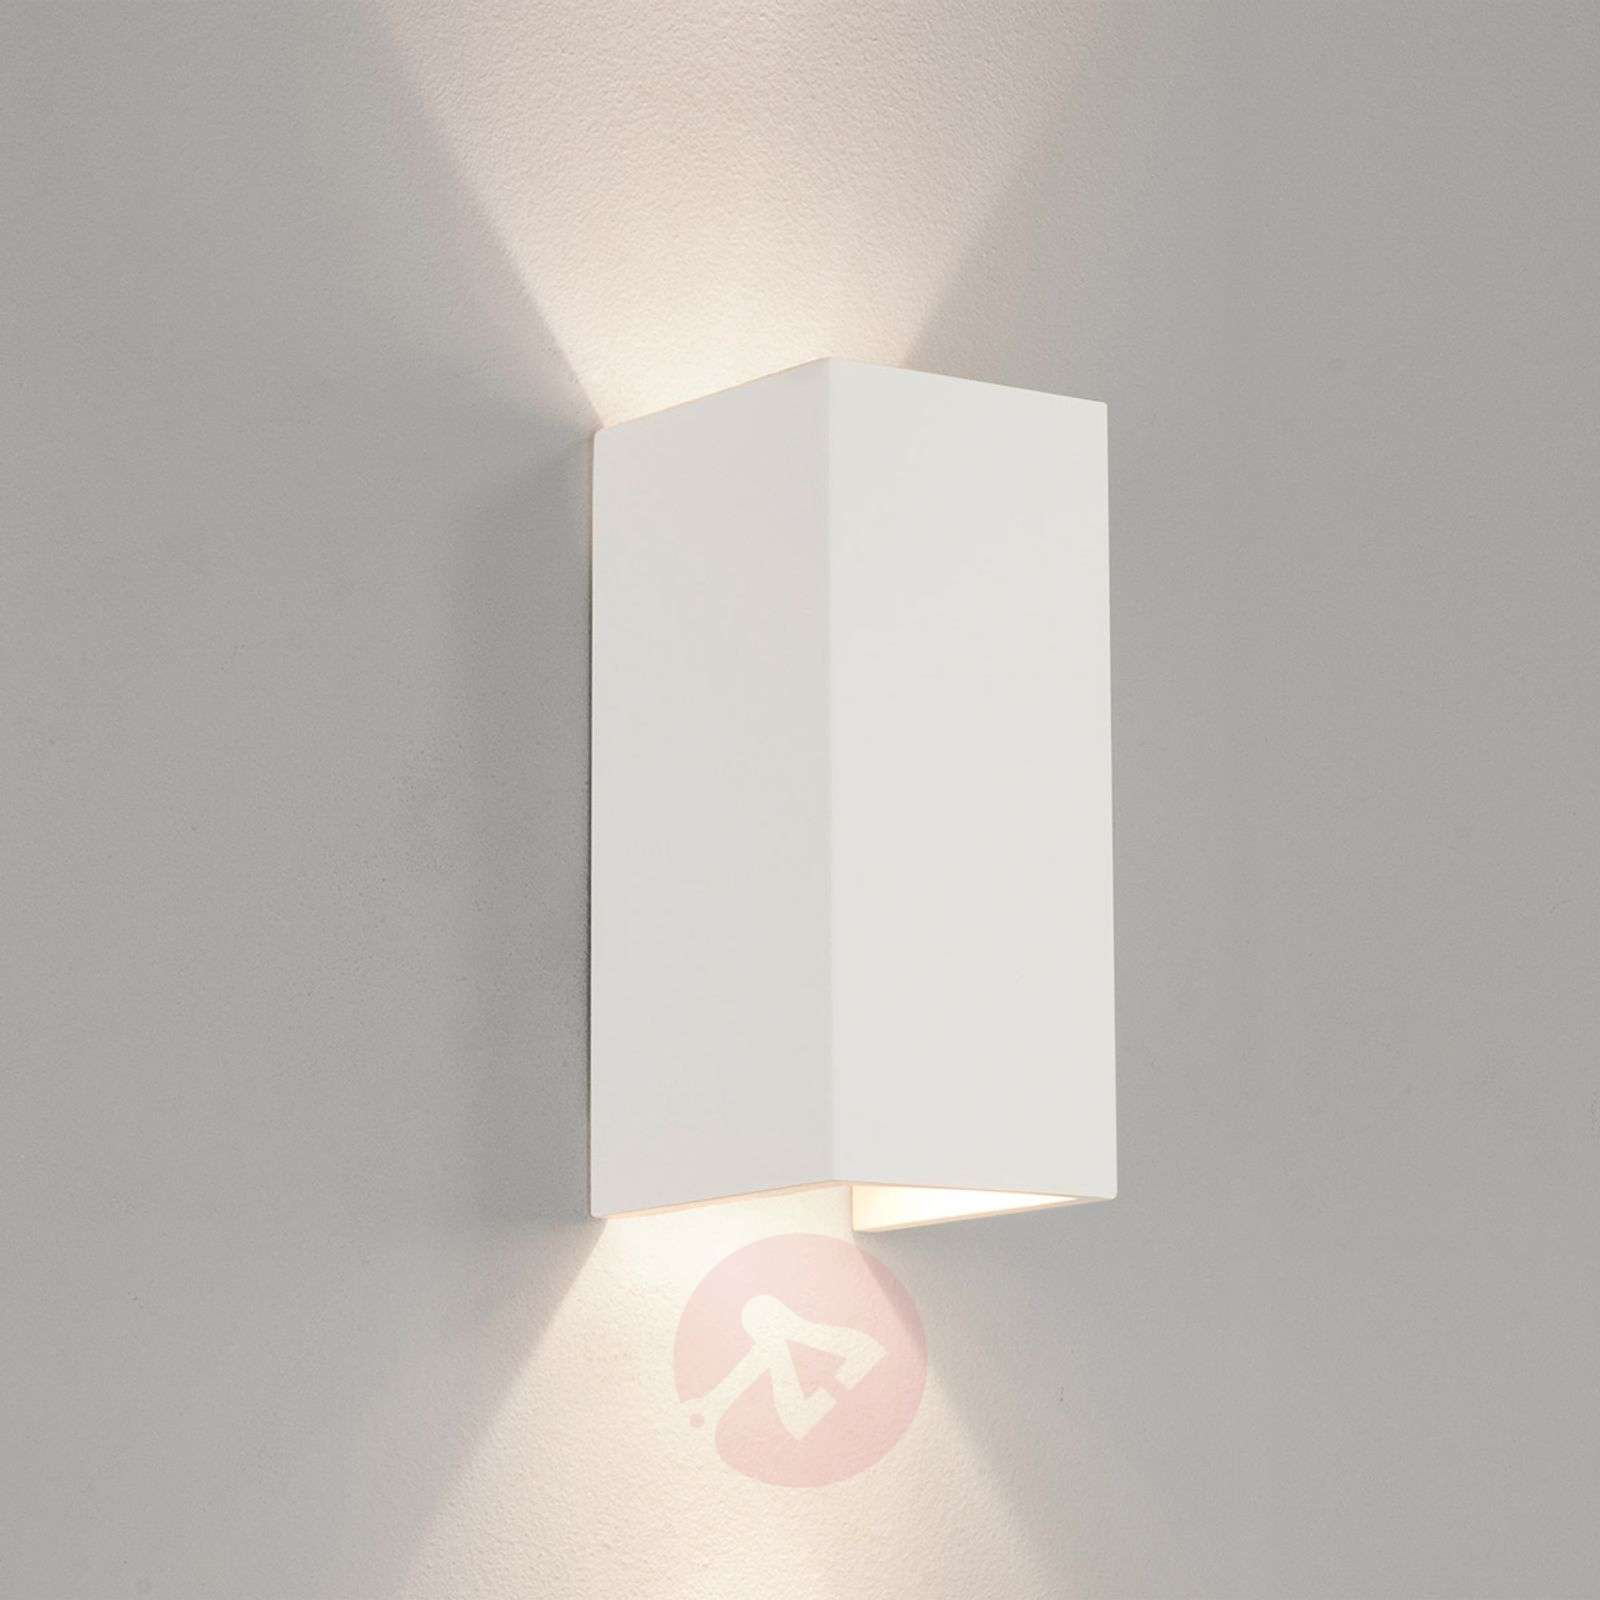 Astro Parma 210 seinävalaisin, valkoinen-1020346-02